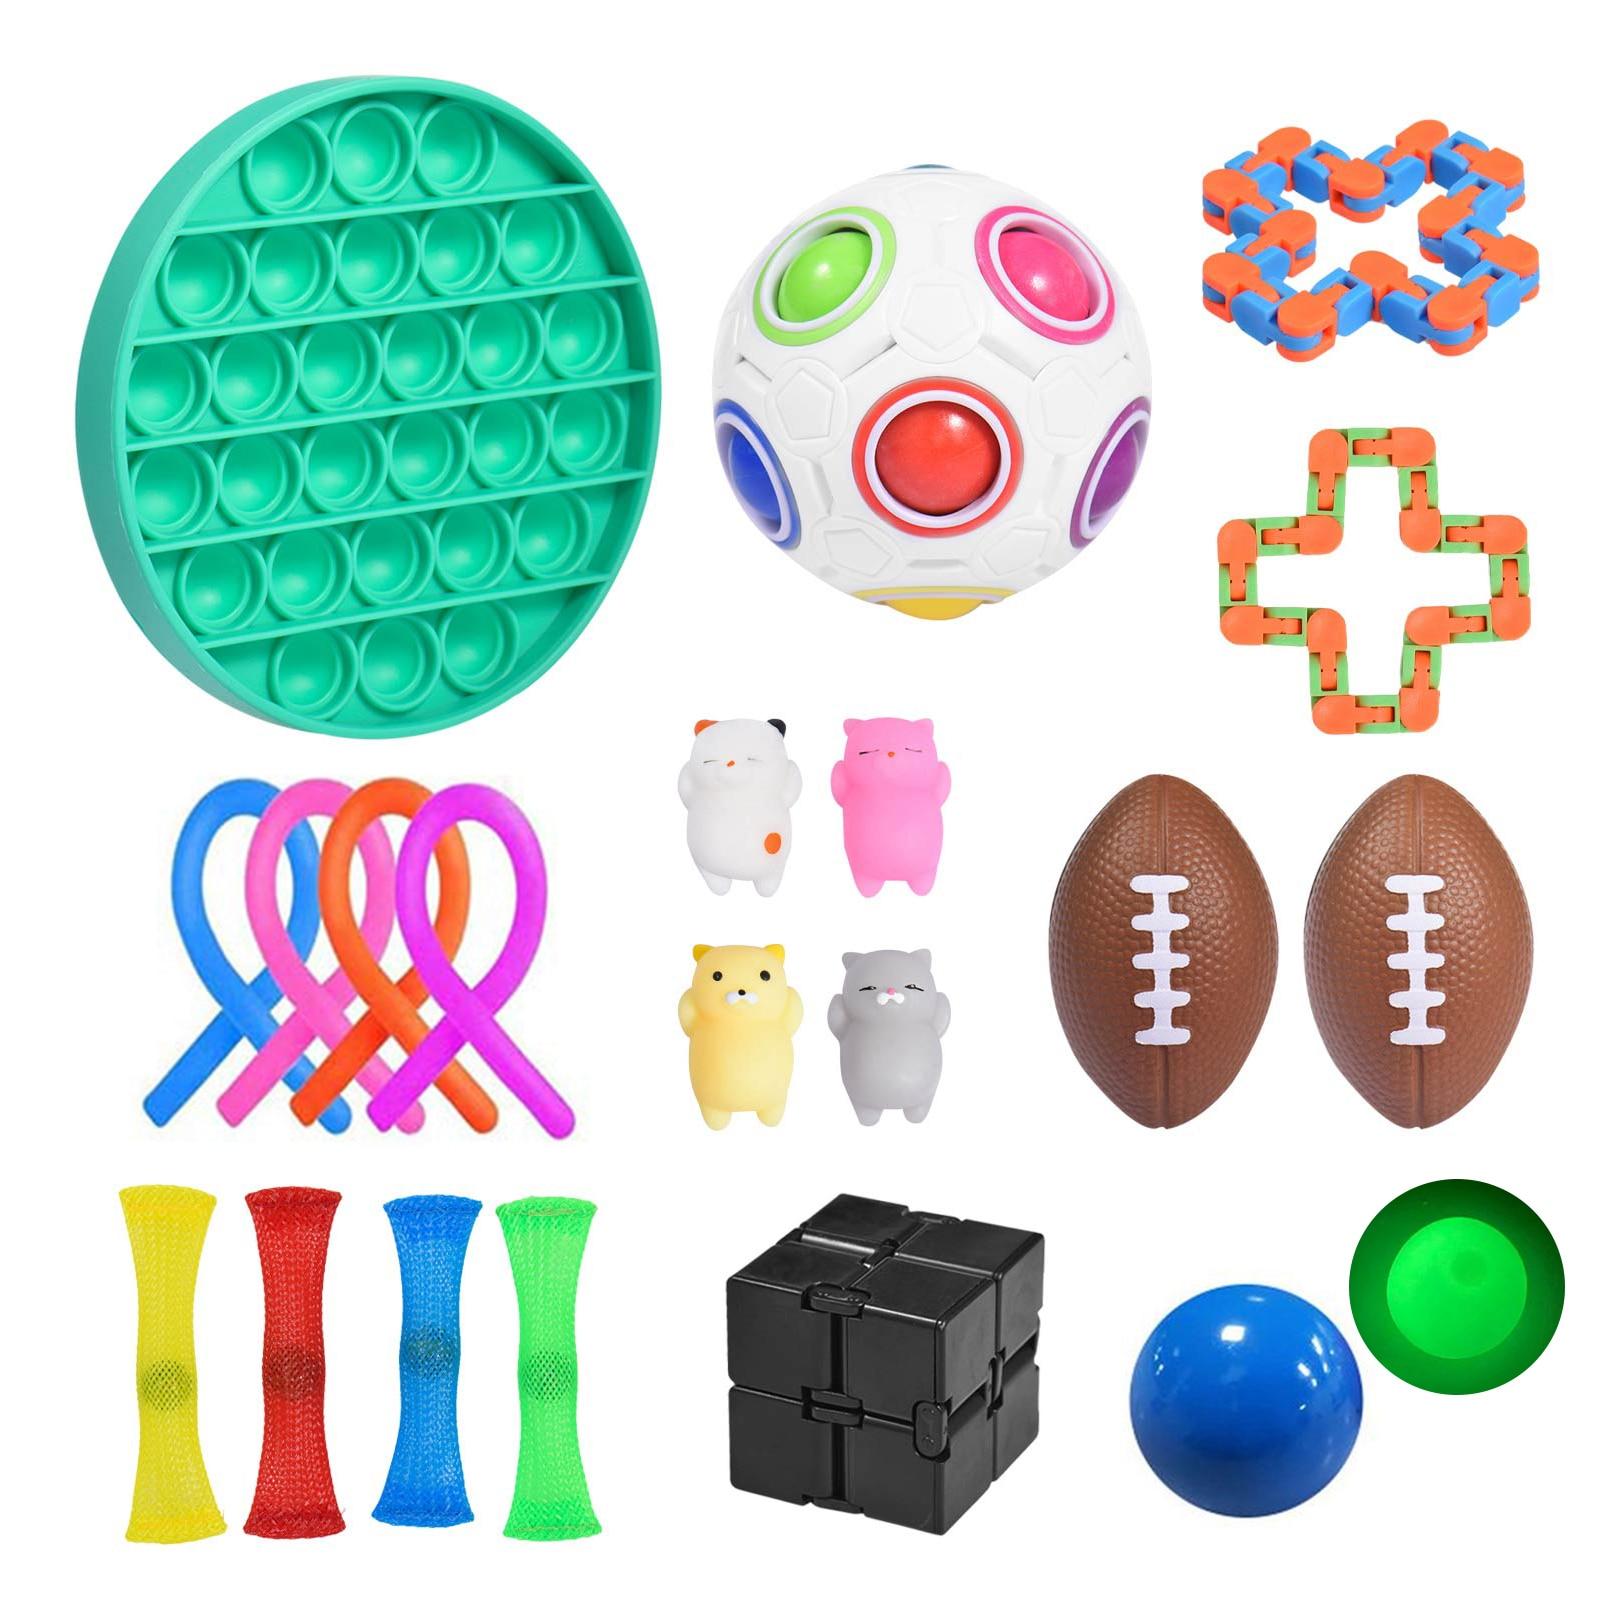 26 стилей Непоседа сенсорные набор игрушек, игрушка для снятия стресса, игрушки поп-пузырь игрушка для снятия стресса, сожмите сенсорные игр...